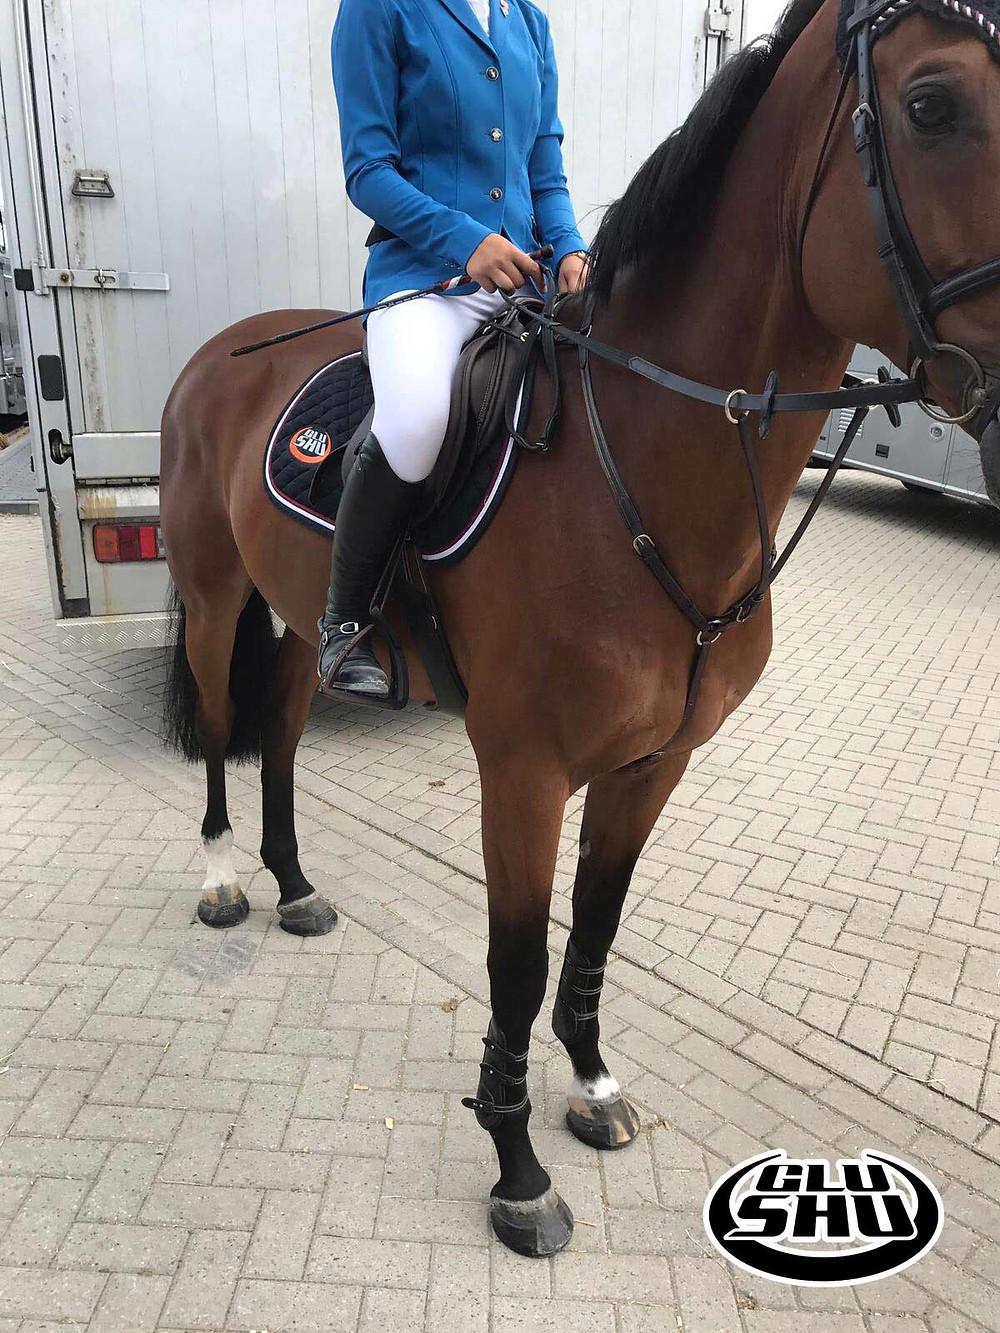 Glushu sponsors Nina Van Enckevoort